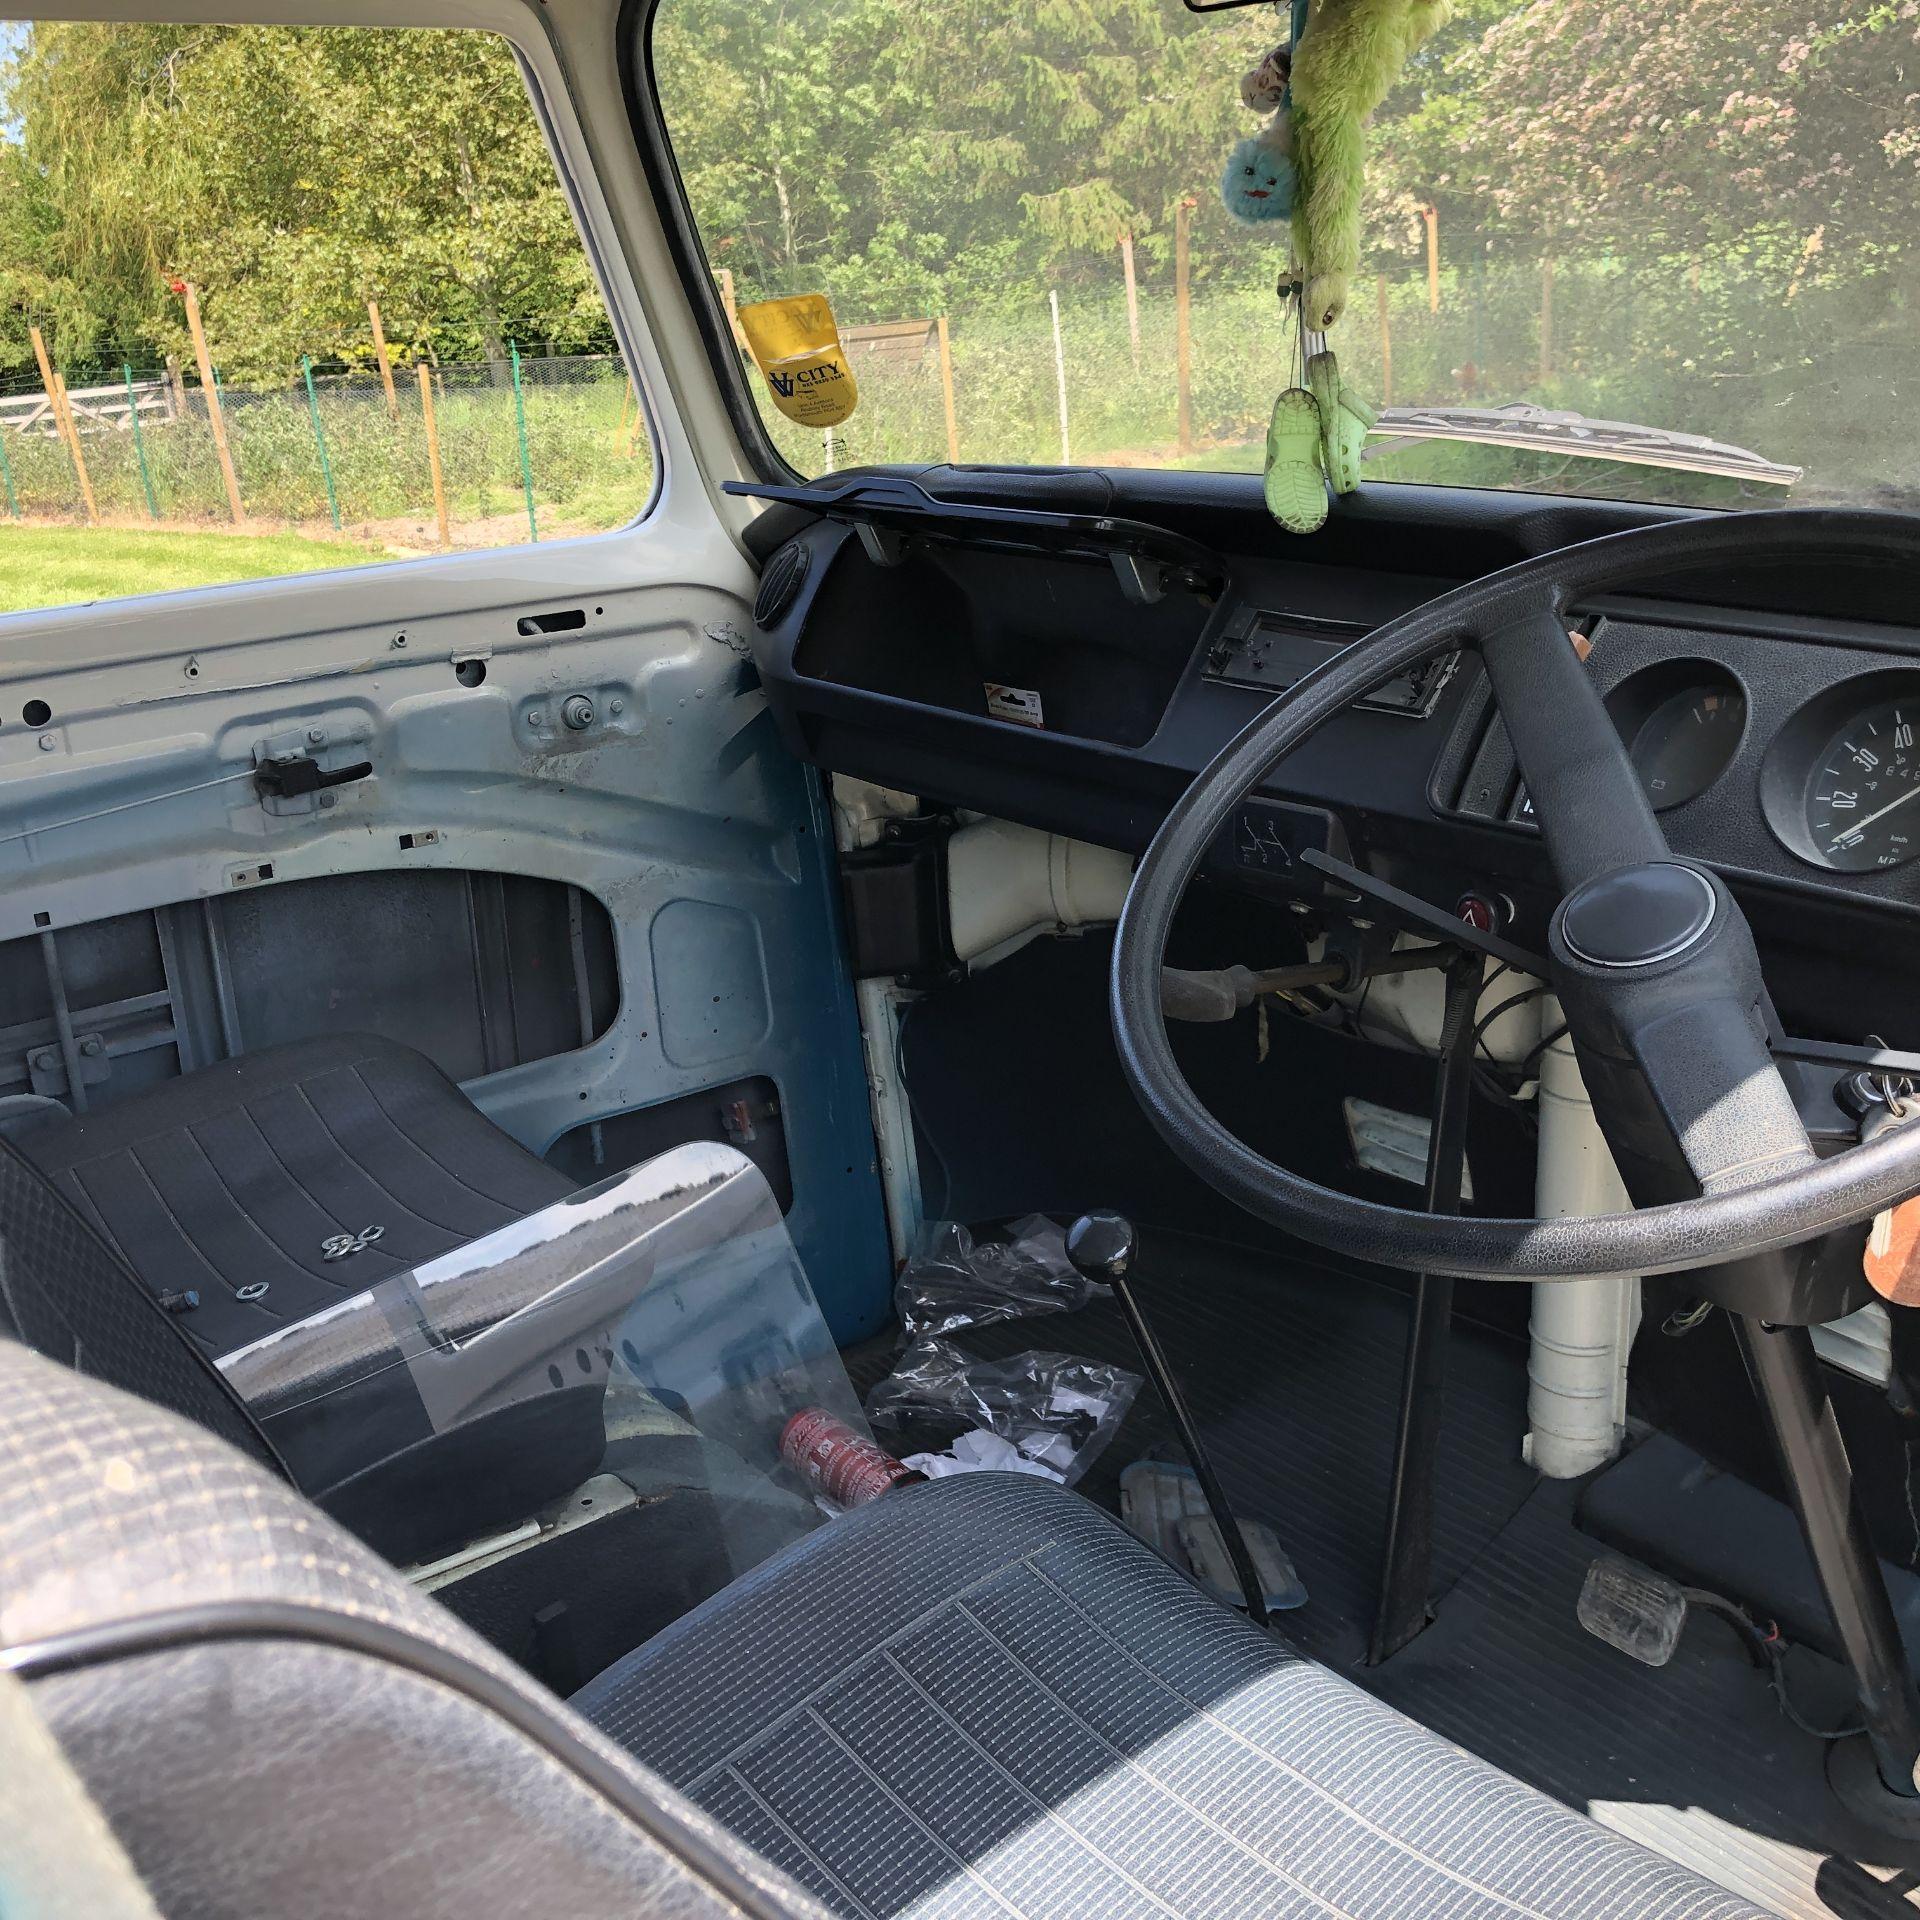 VW Microbus 8 Seater Caravanette Devon - 'Mr Blue' Petrol, Registration UMH 420S, First Registered - Image 31 of 47